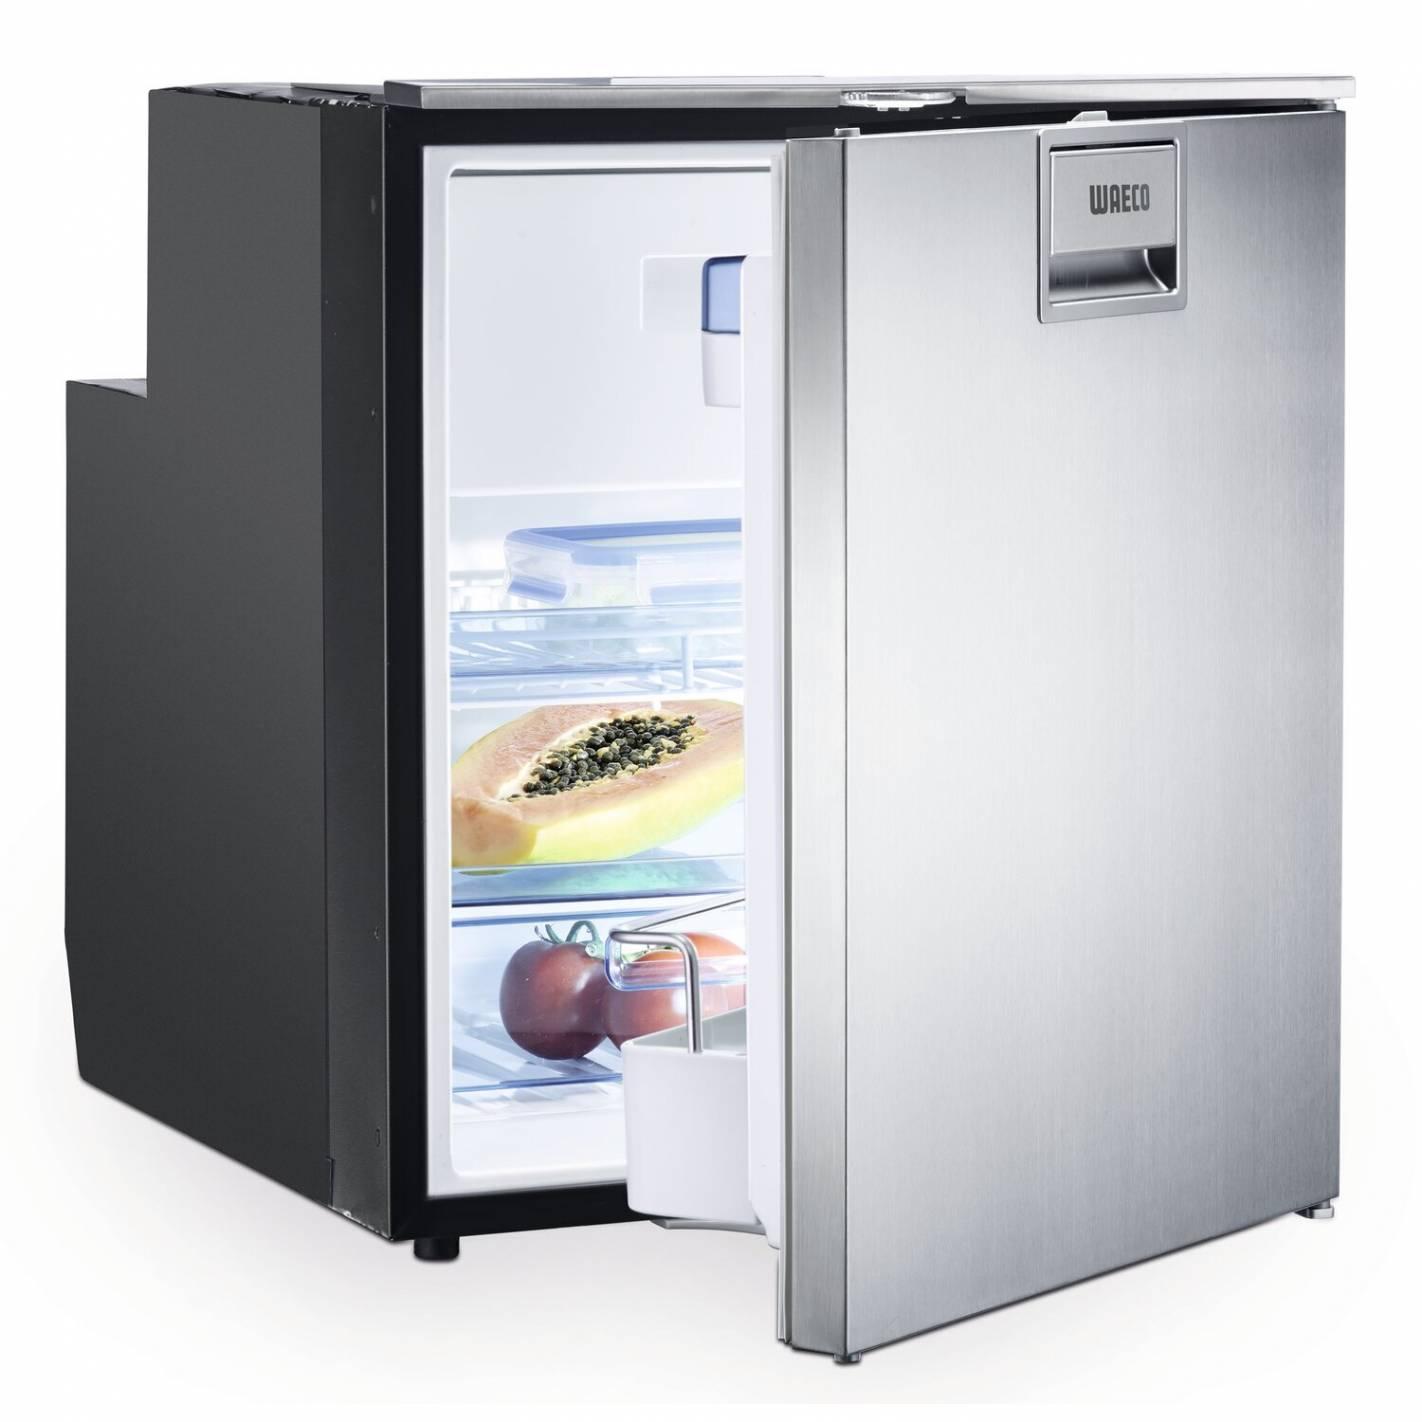 réfrigérateur à compression waeco / dometic  crx-65s - 64l -12v/24v